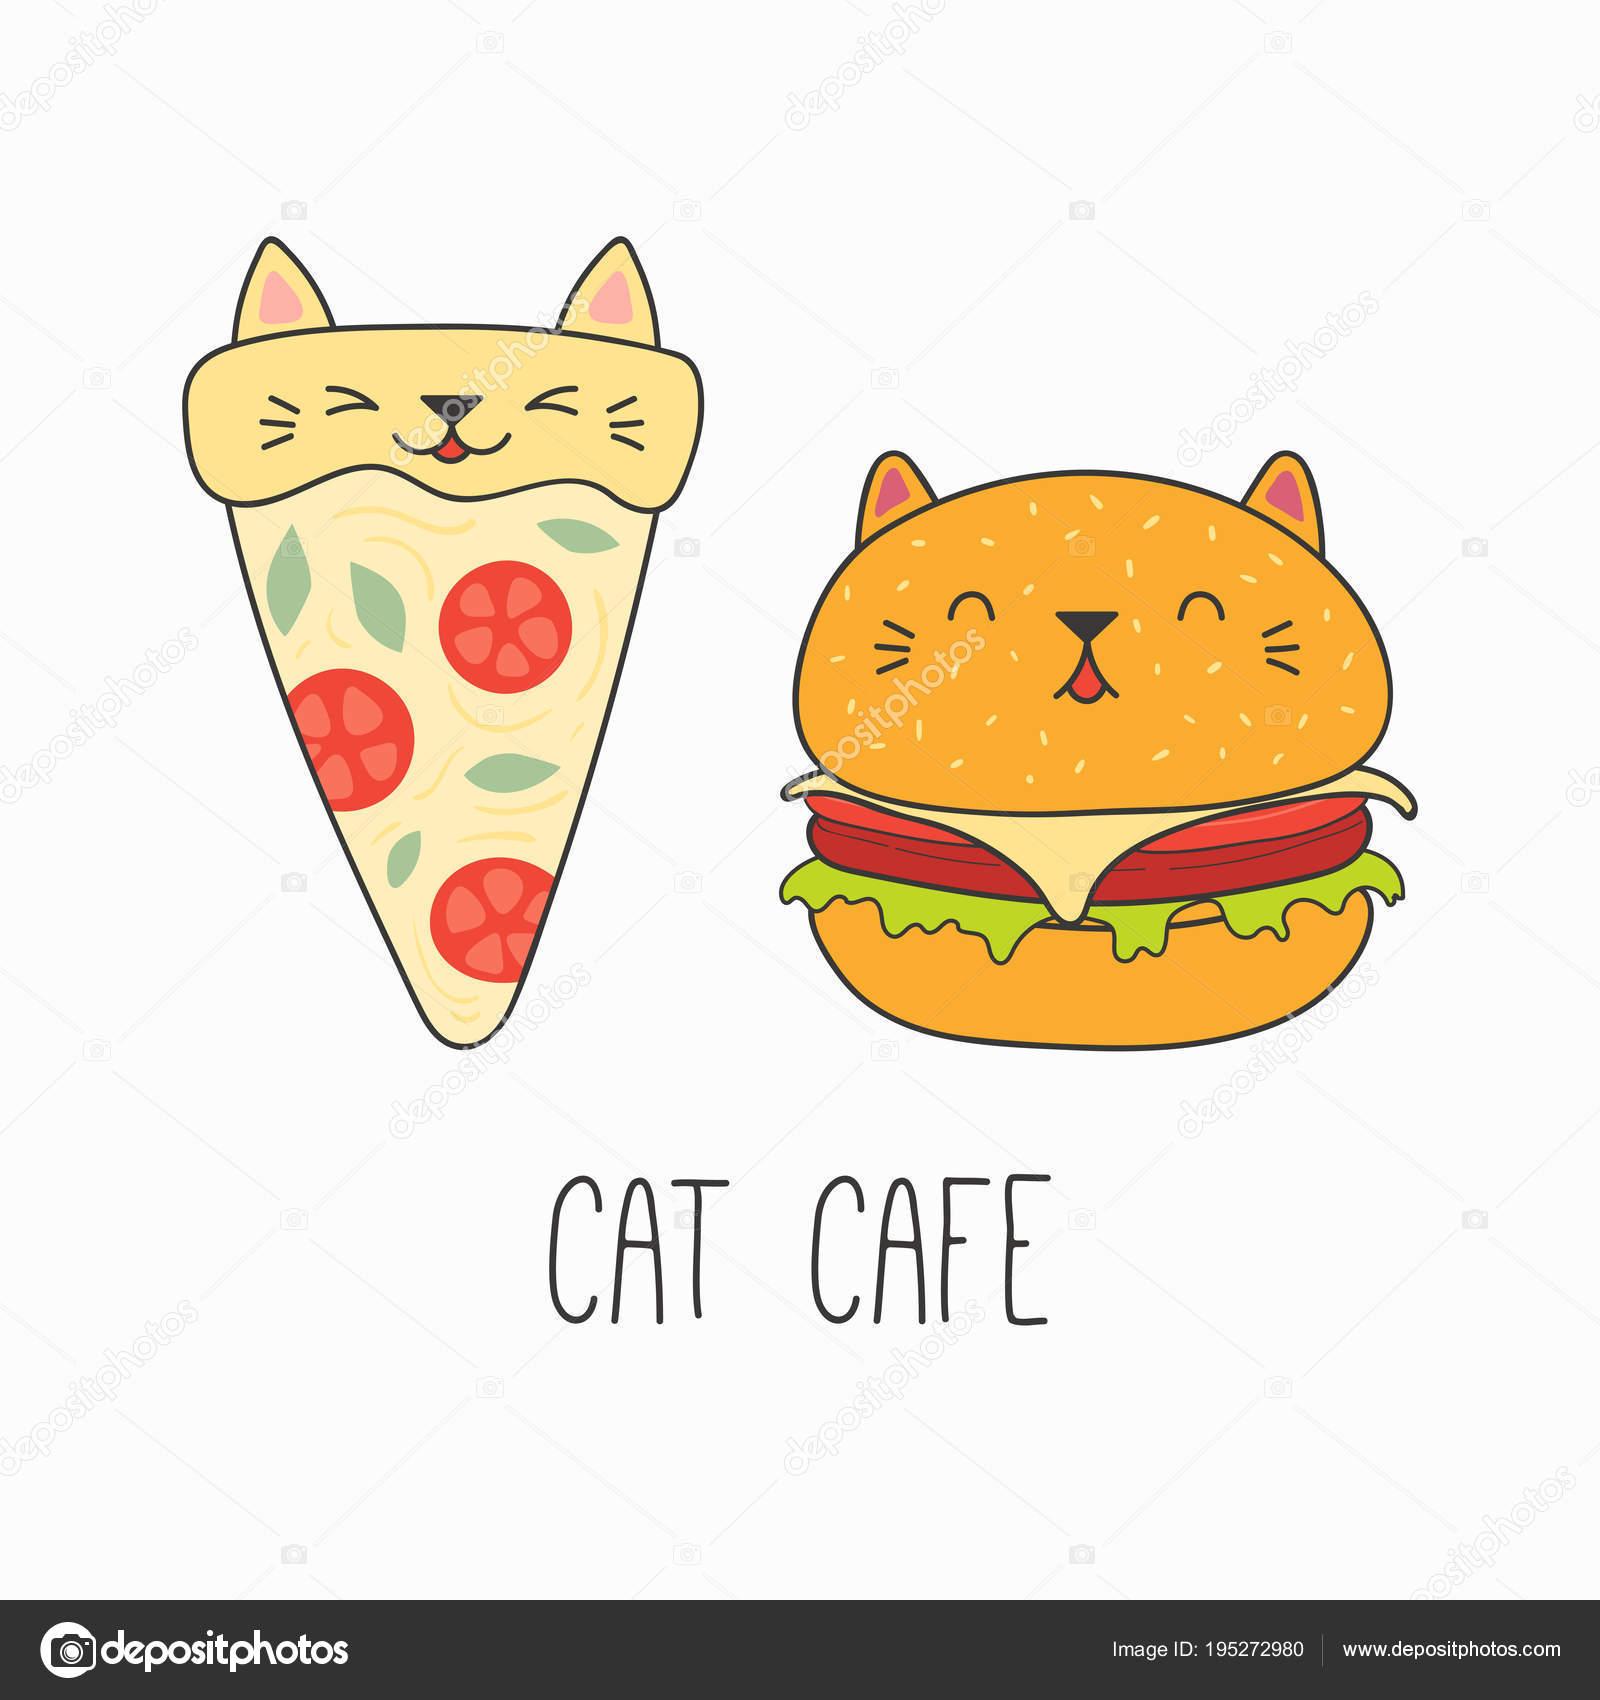 子供用プリントかわいい面白いピザのスライスと猫顔と耳 デザインの